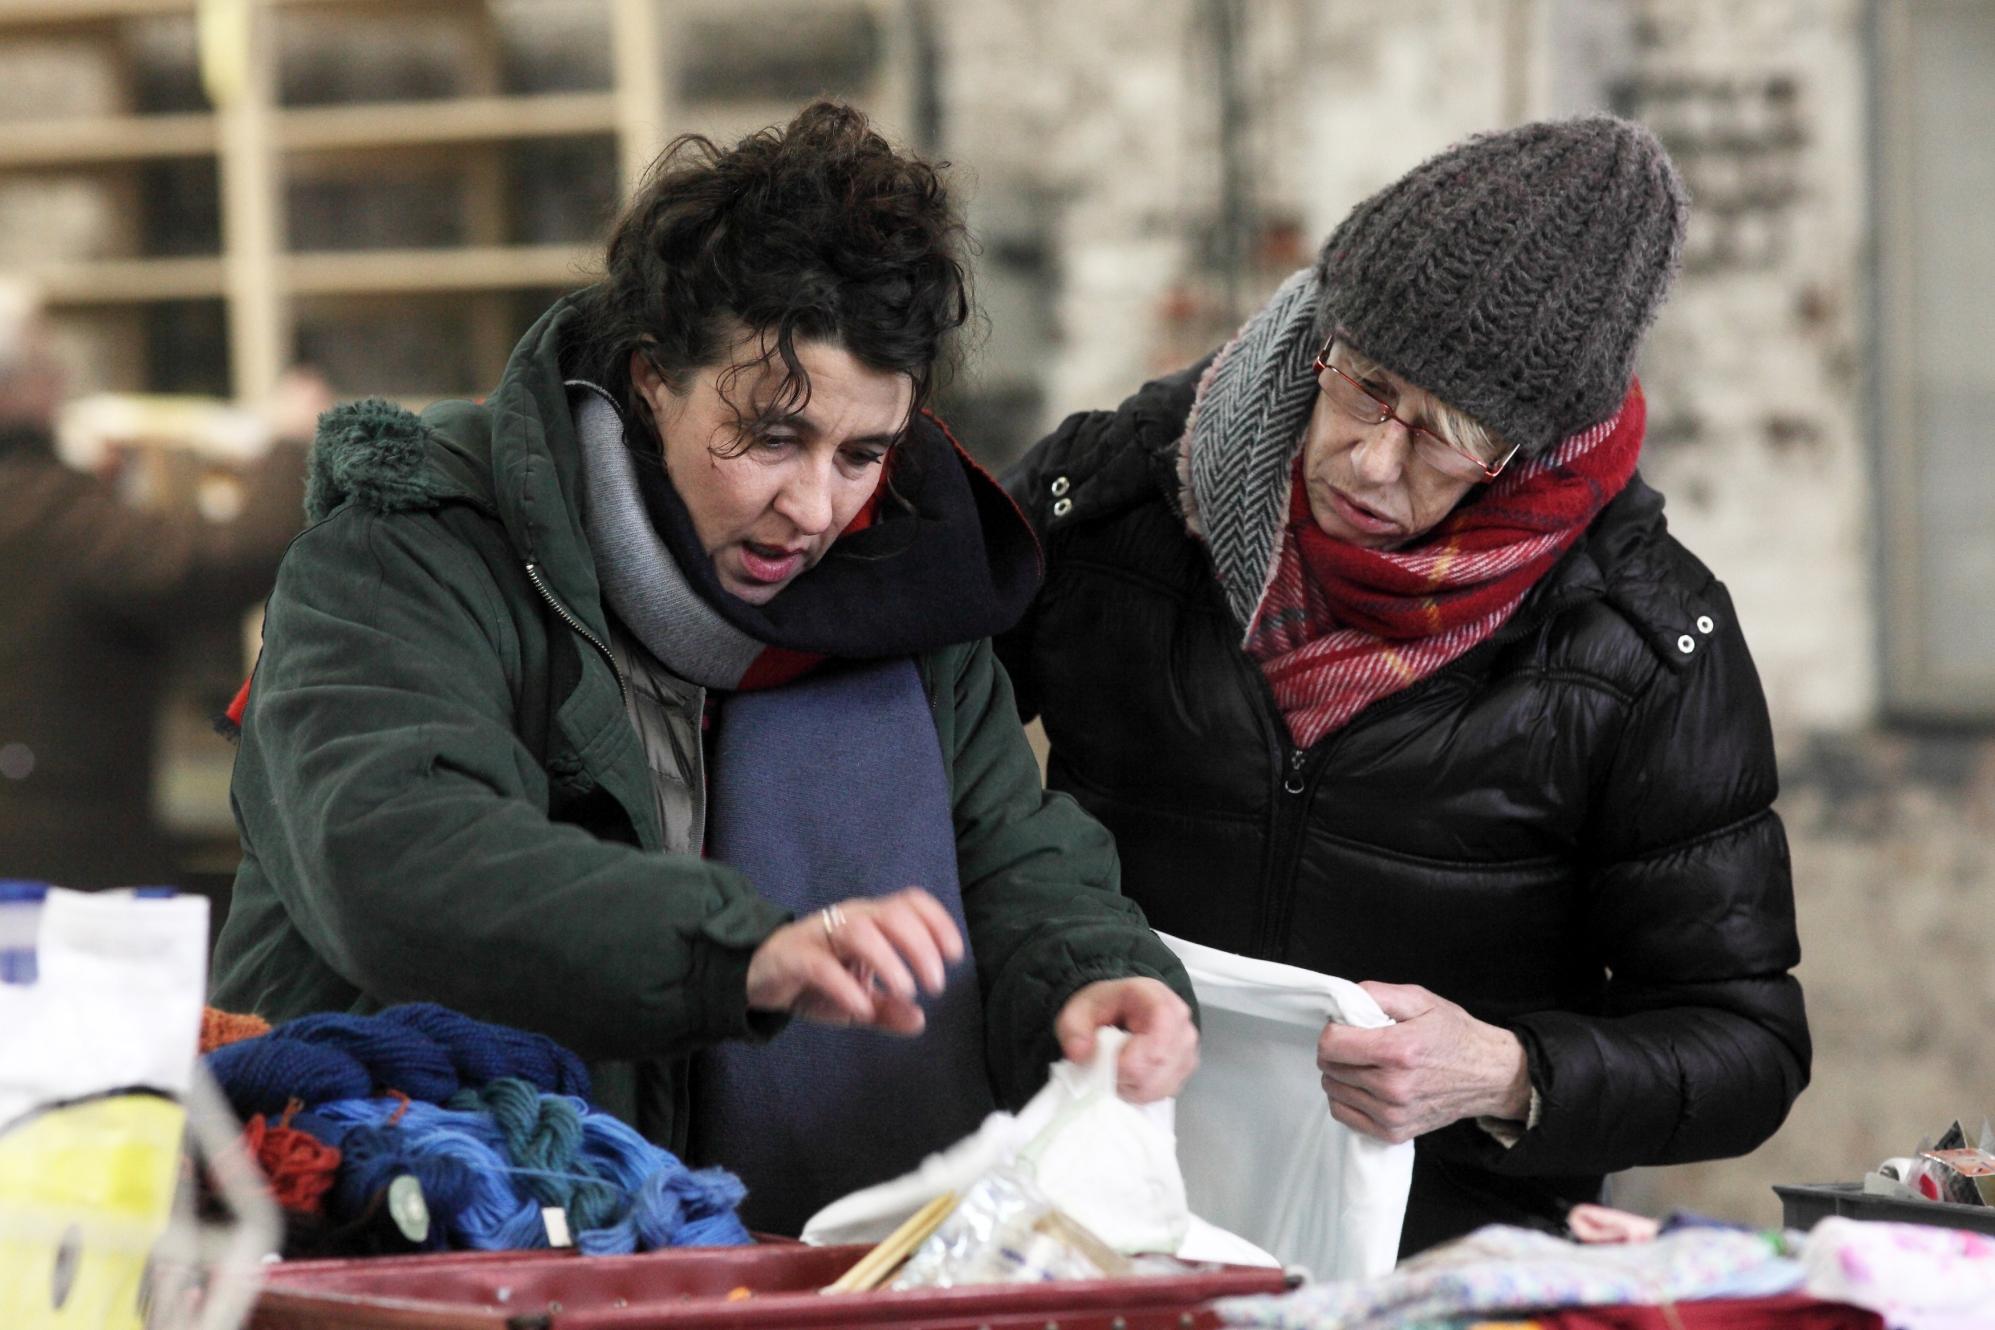 Le Invisibili: Noémie Lvovsky in una scena del film